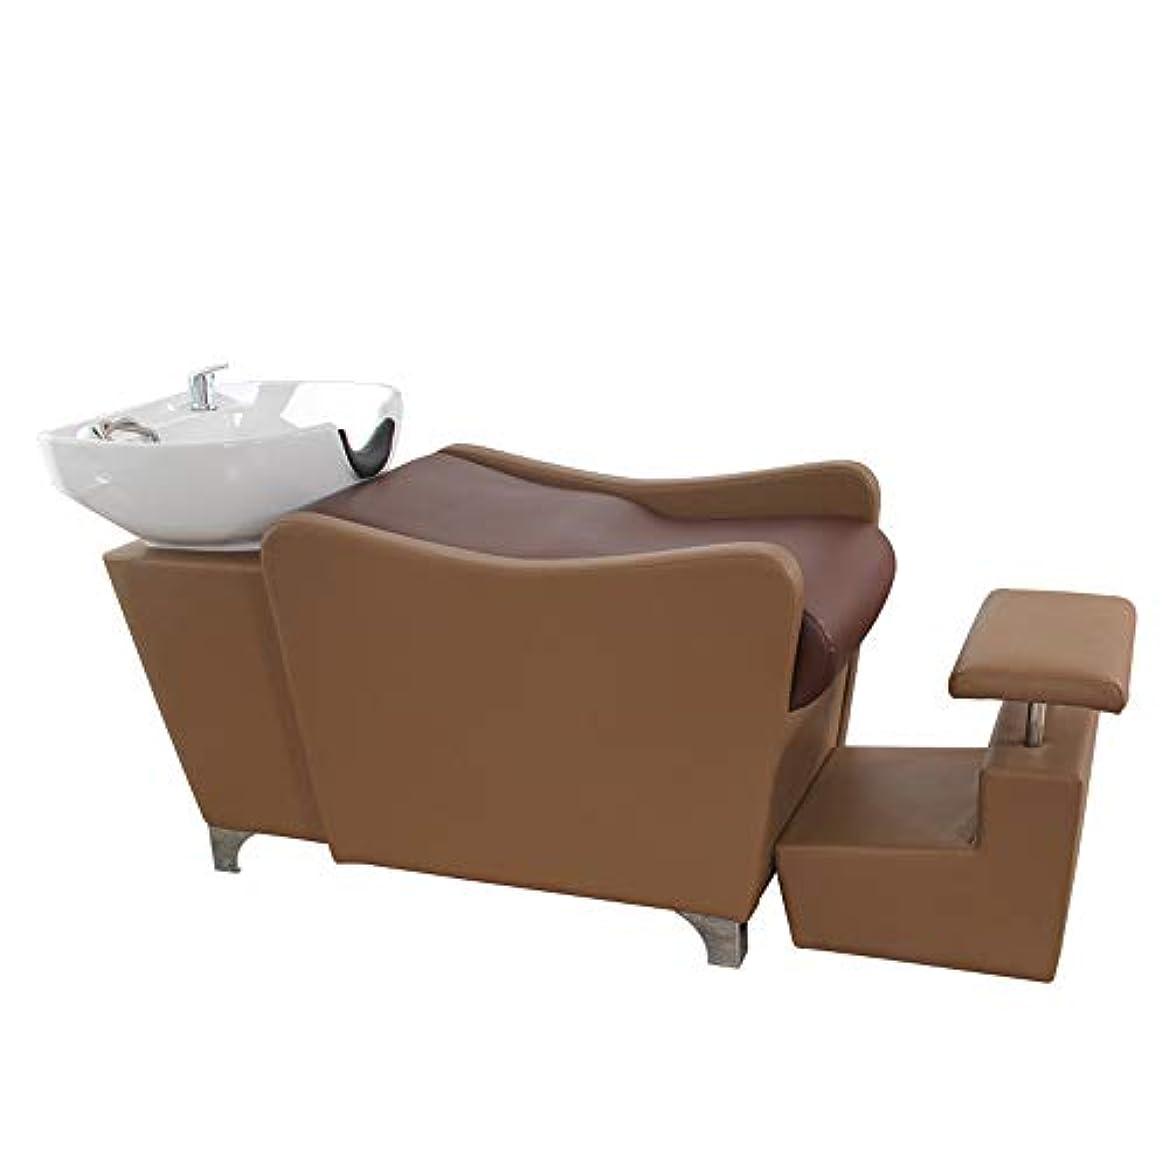 沿って素晴らしいです栄光のシャンプーチェア、理髪店の逆洗ユニットシャンプーボウル理髪シンクの椅子用スパ美容院機器(ブラウン)